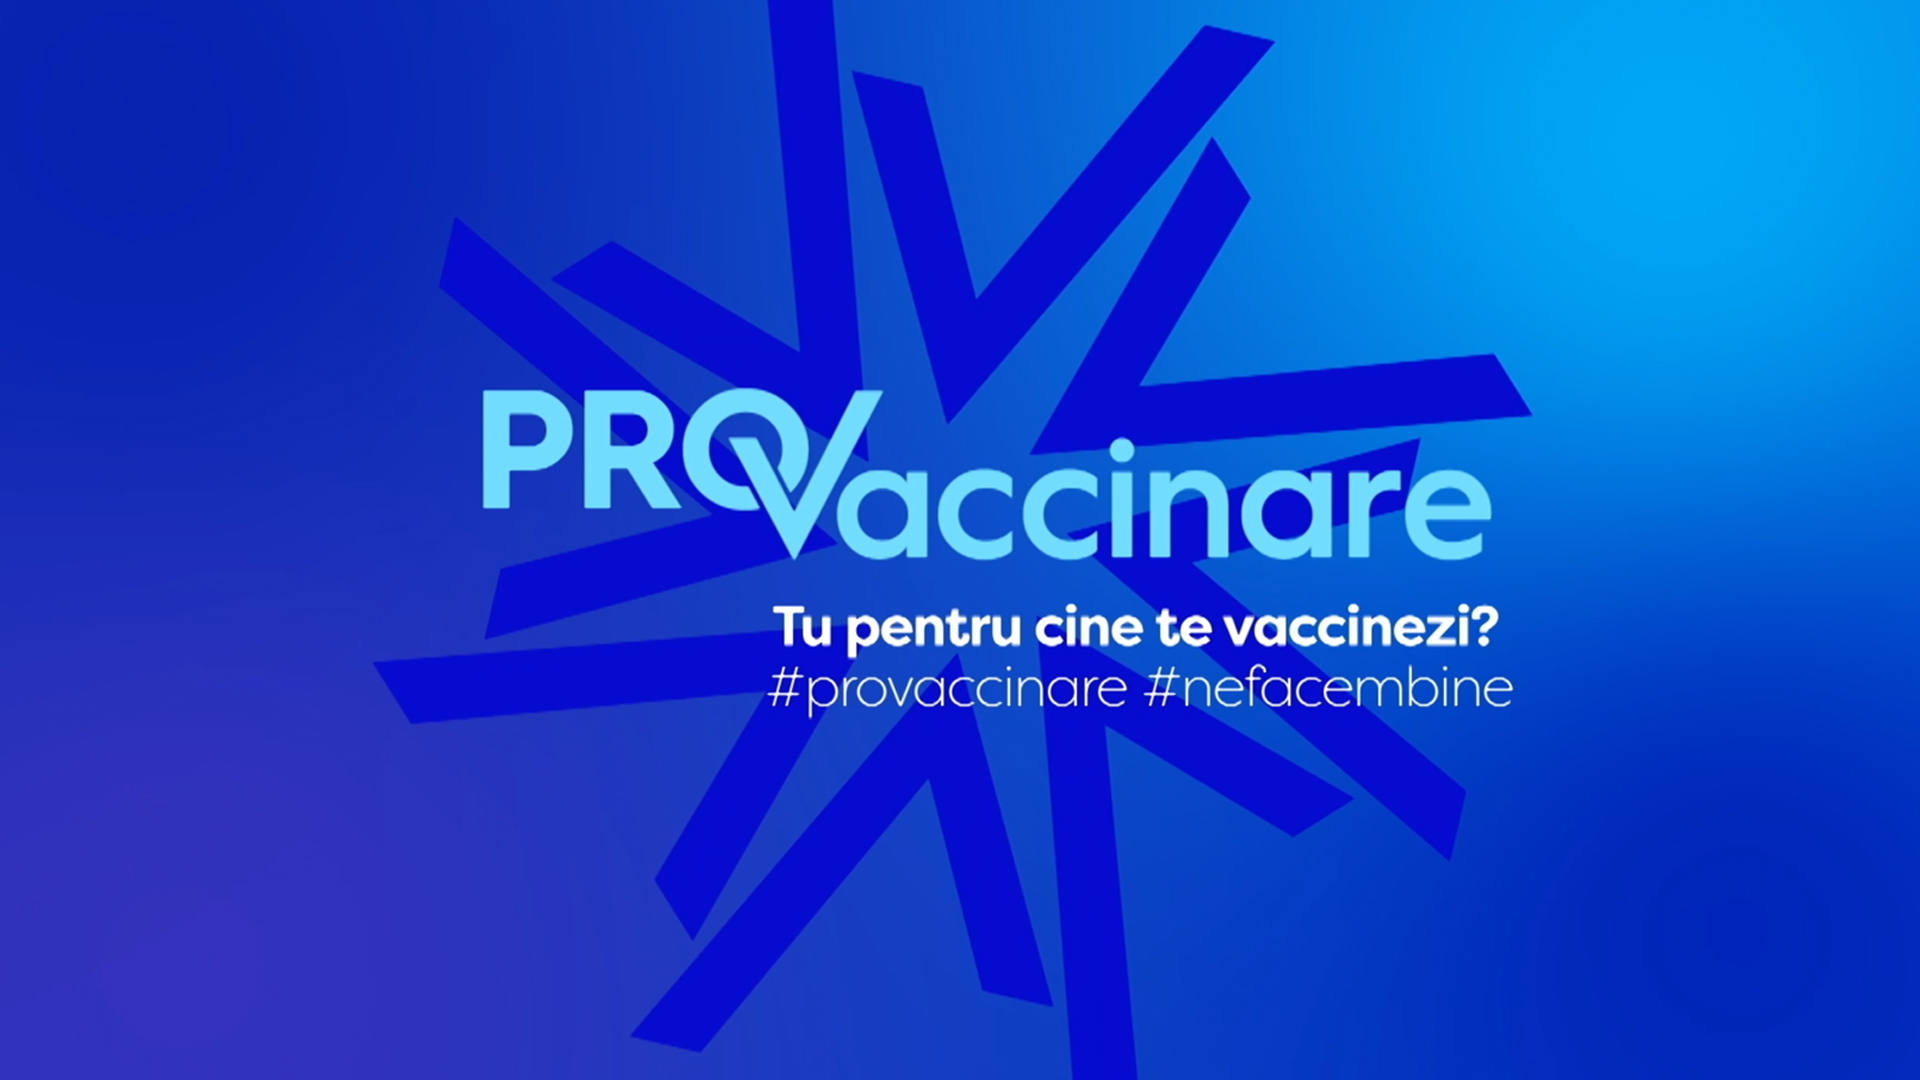 PRO TV e PRO Vaccinare. Tu pentru cine te vaccinezi?